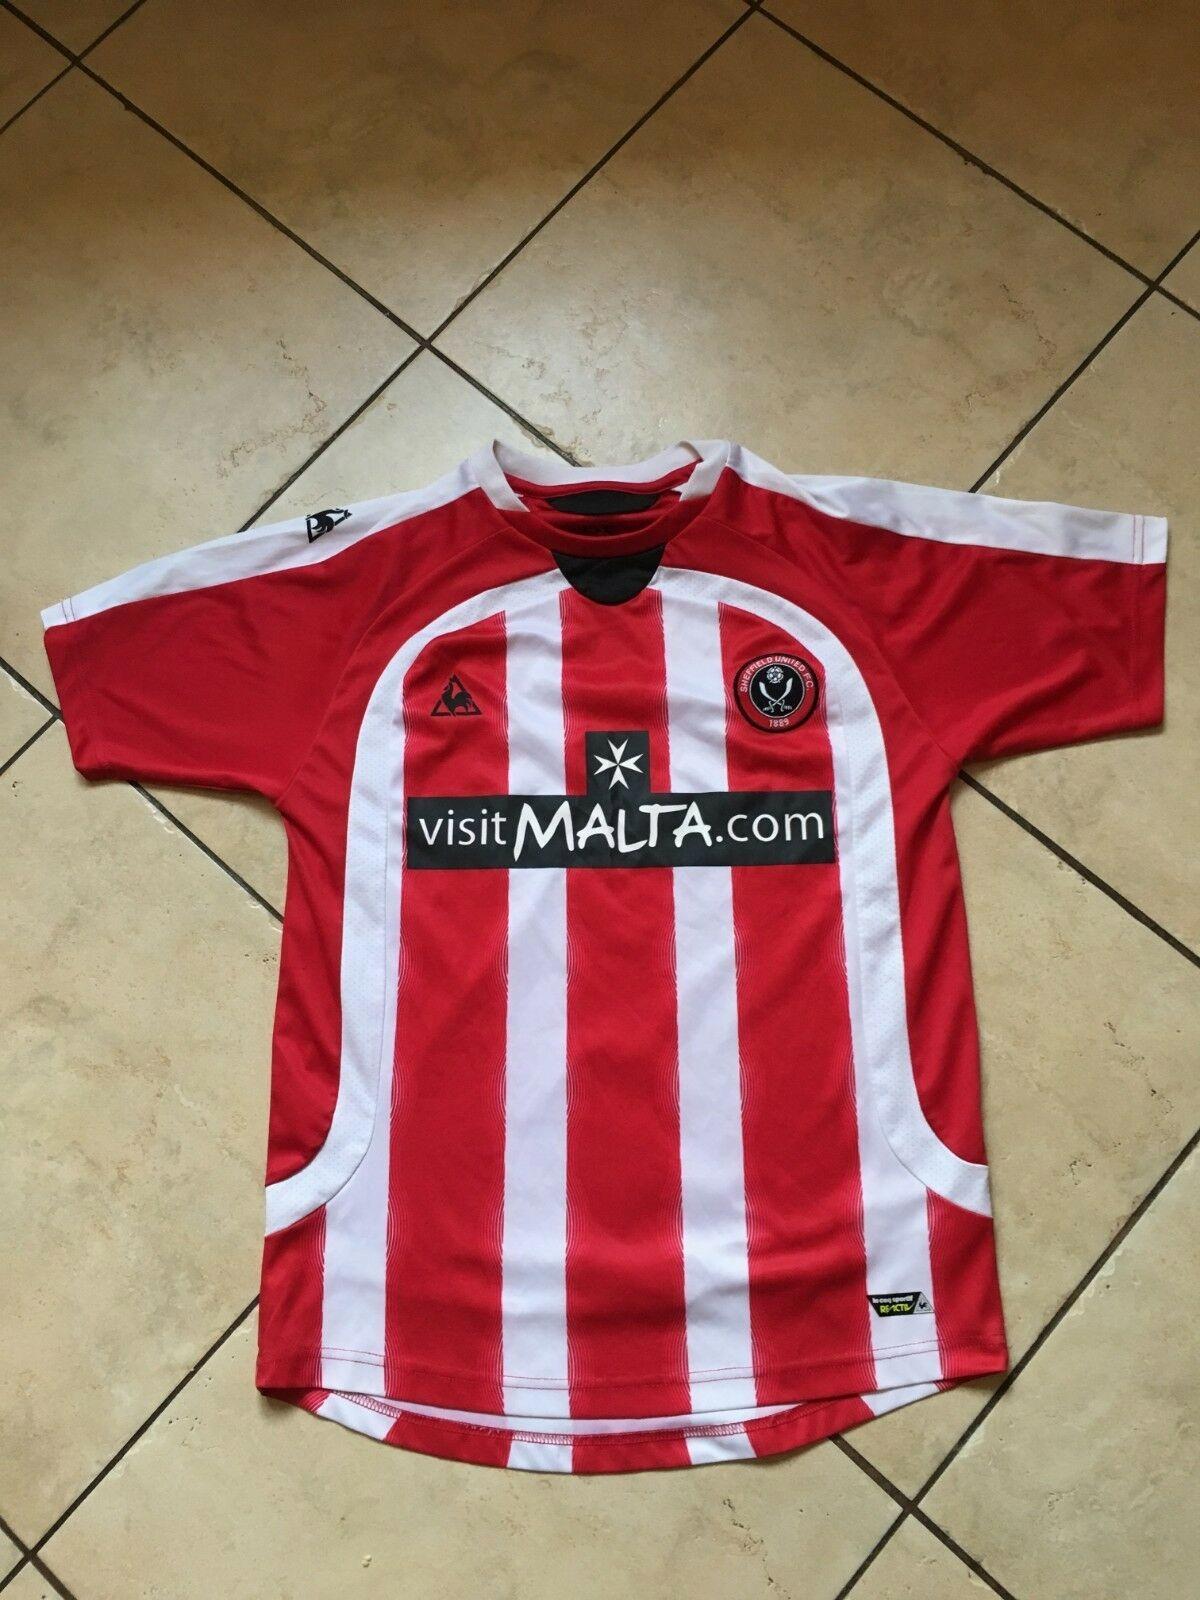 Sheffield United F.C. Le coq sportif - S - OKAZJA